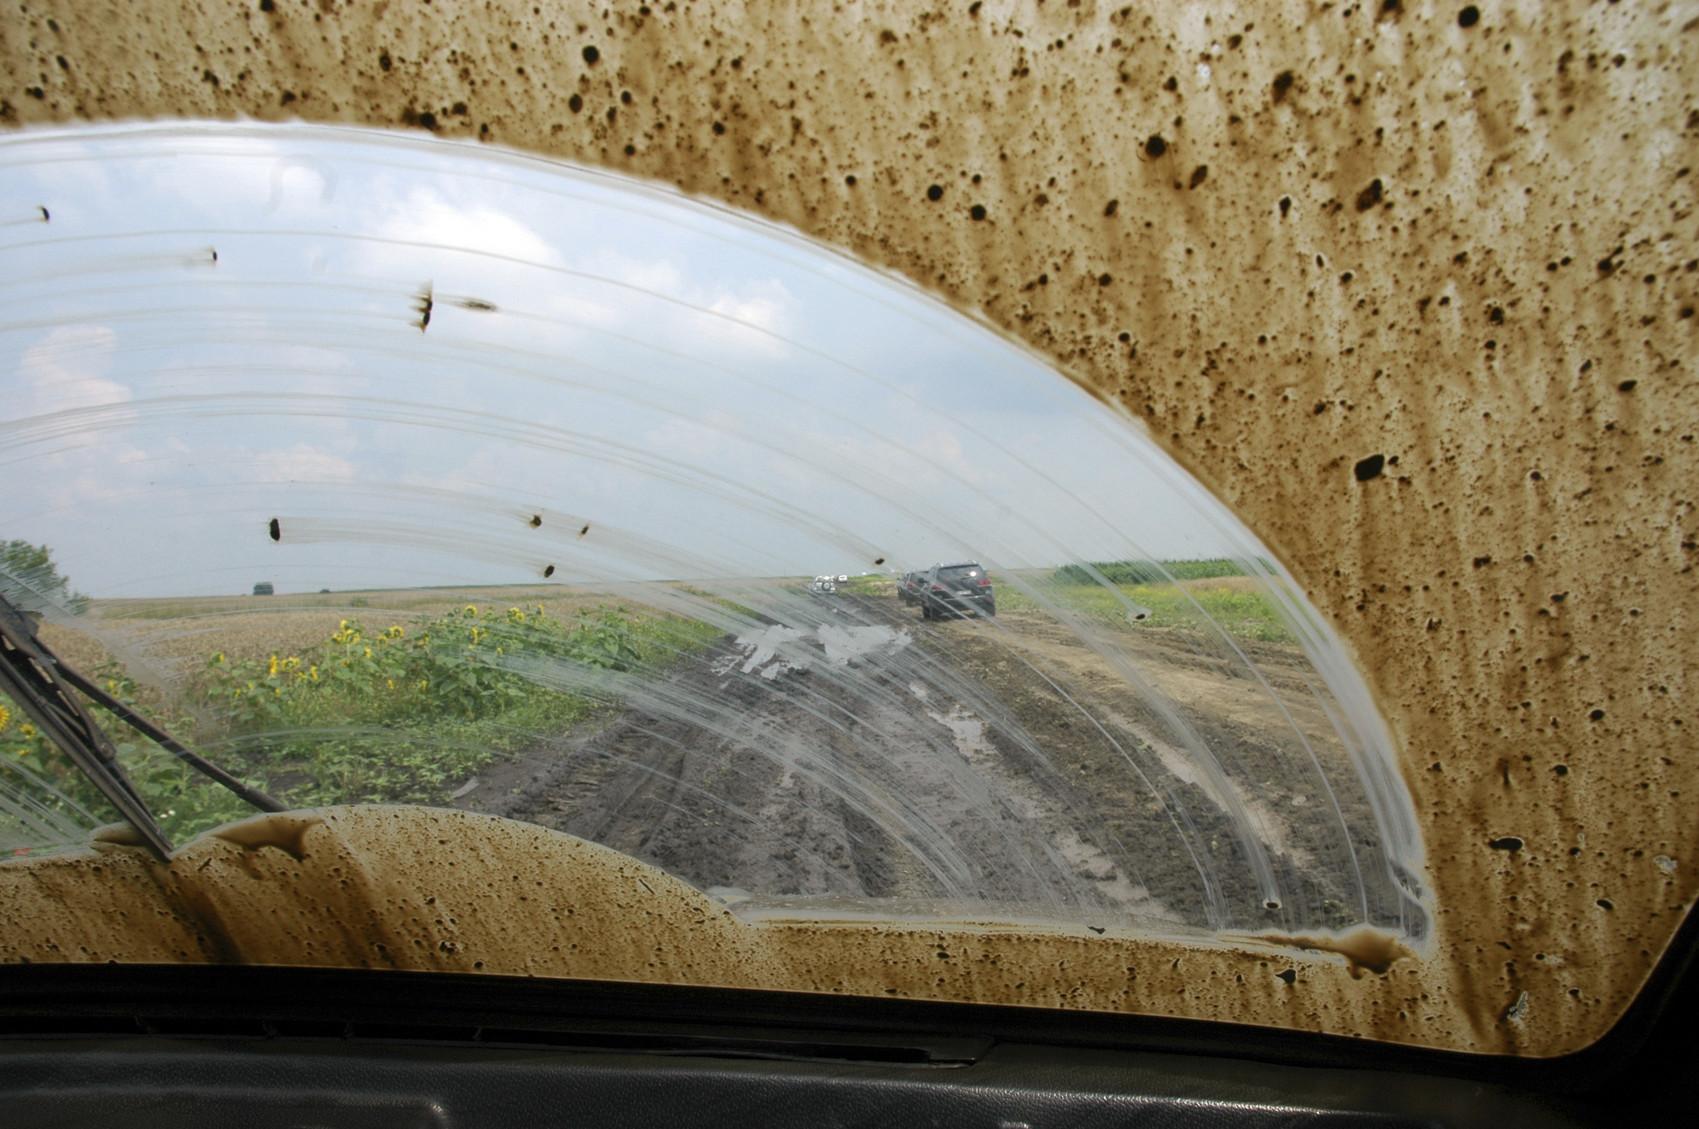 Carro limpo: estética ou segurança?